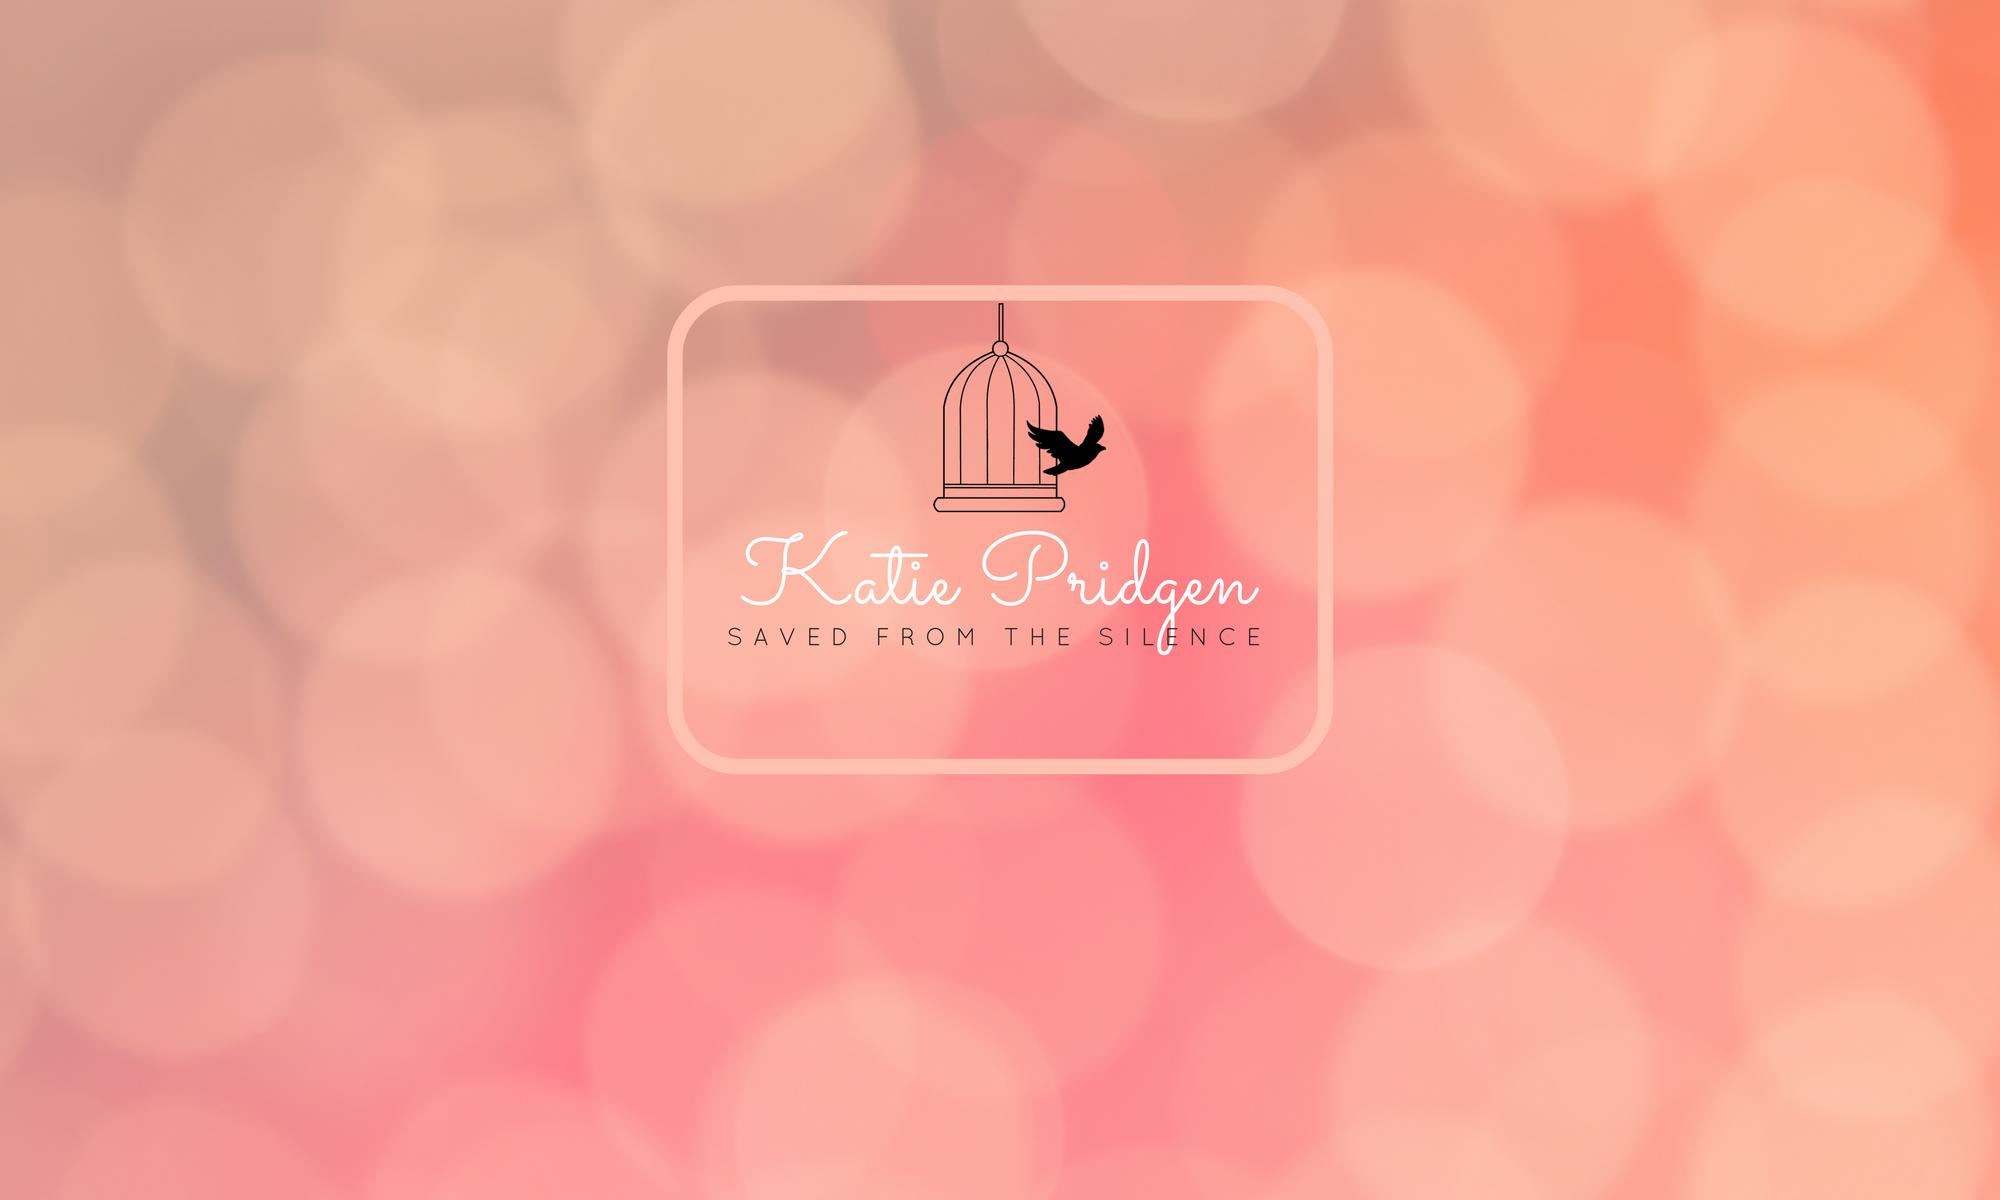 Katie Pridgen